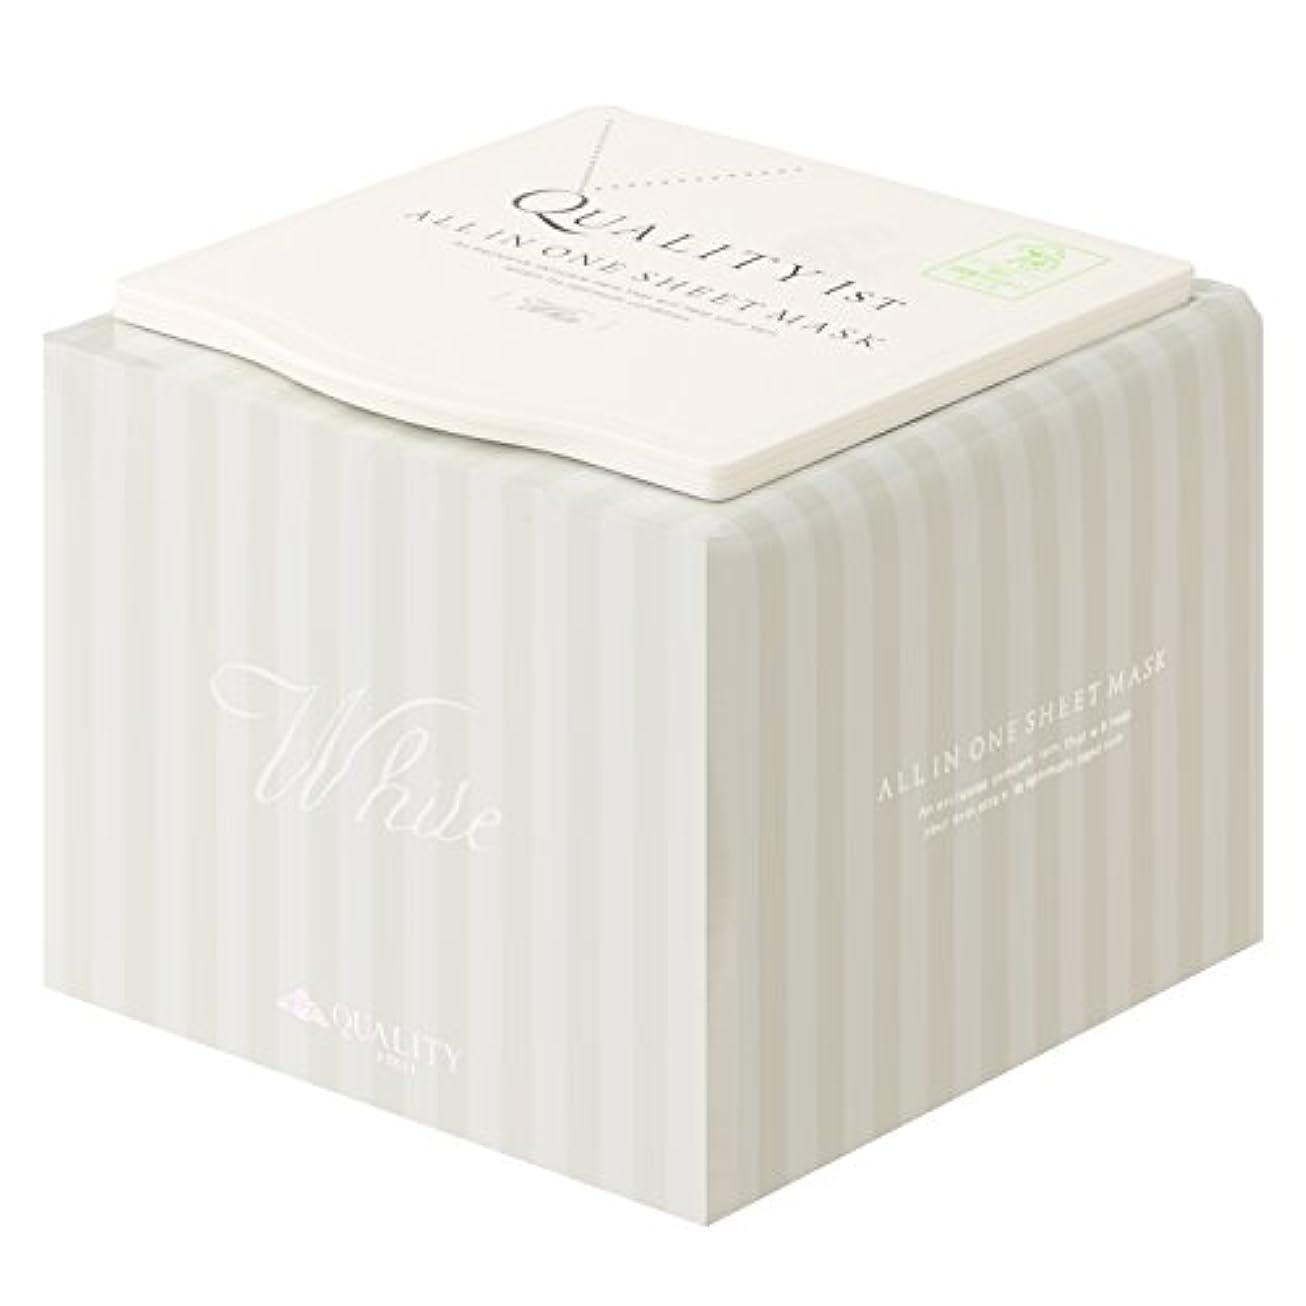 ペックプールバスルームオールインワンシートマスク ホワイトEX (30枚) BOX